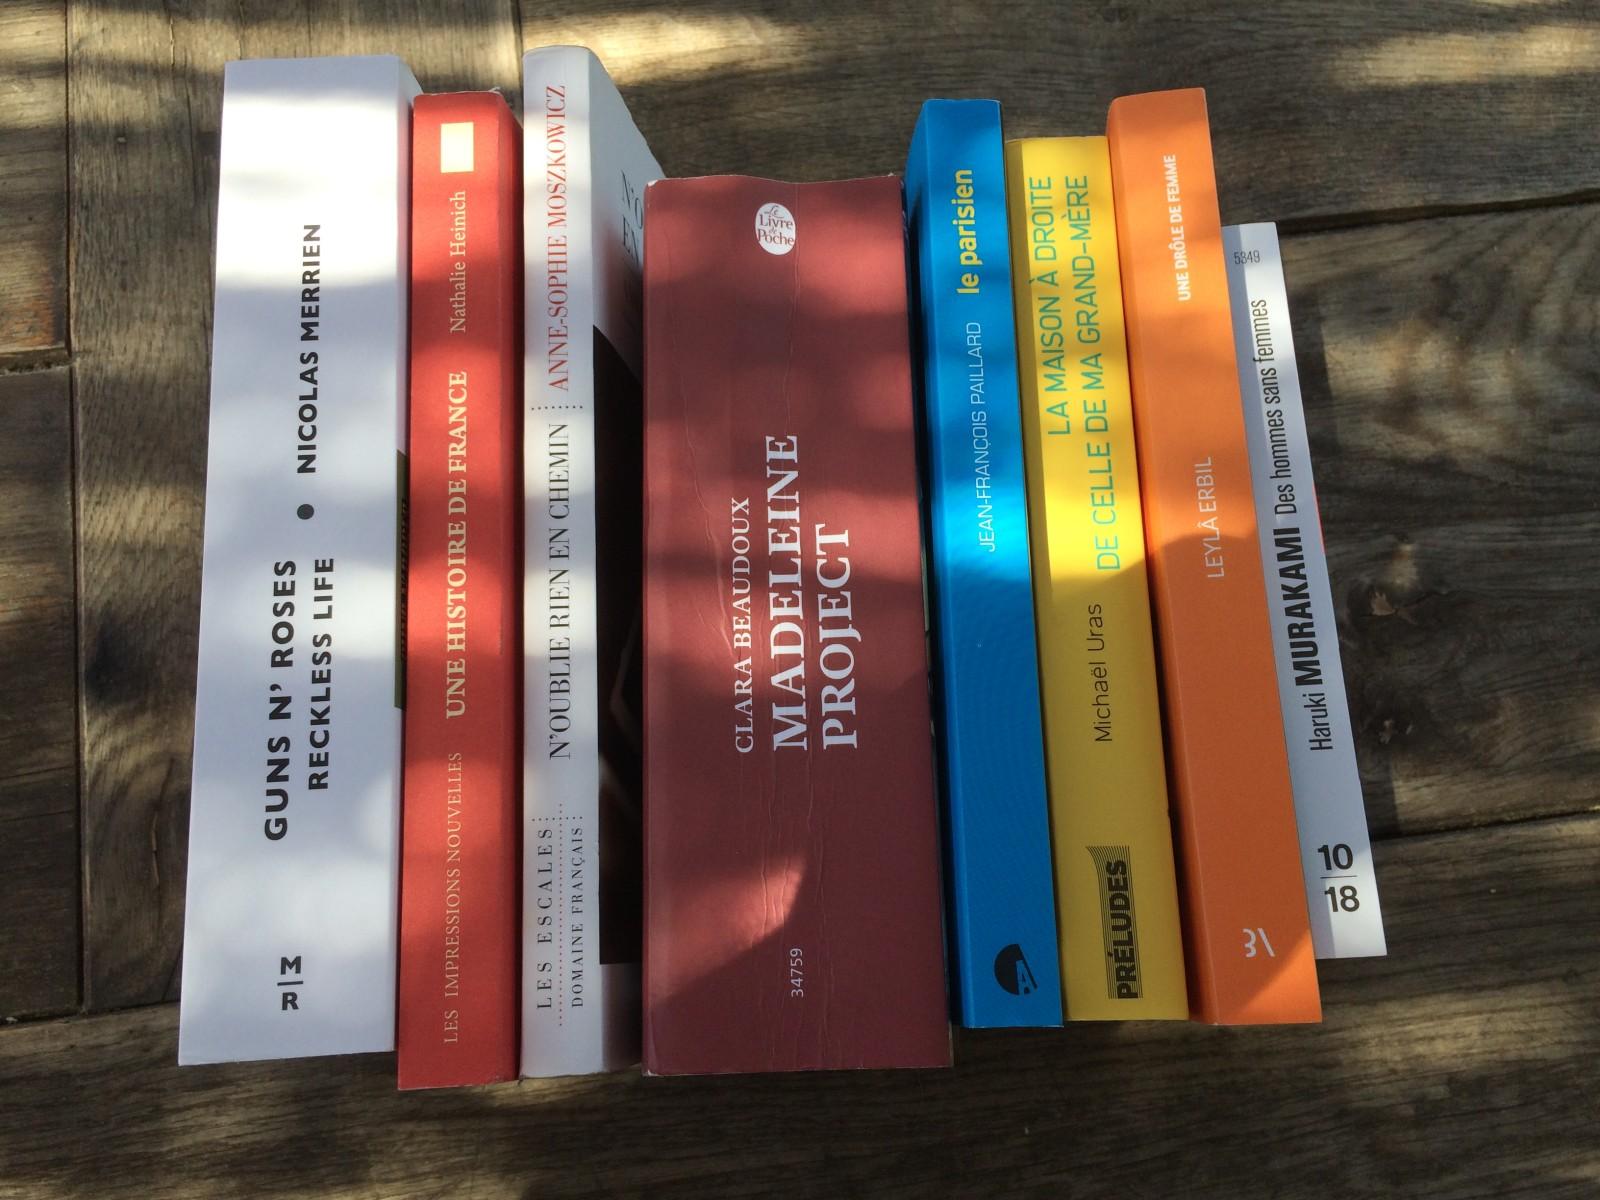 Des ouvrages à découvrir d'urgence! ©MD